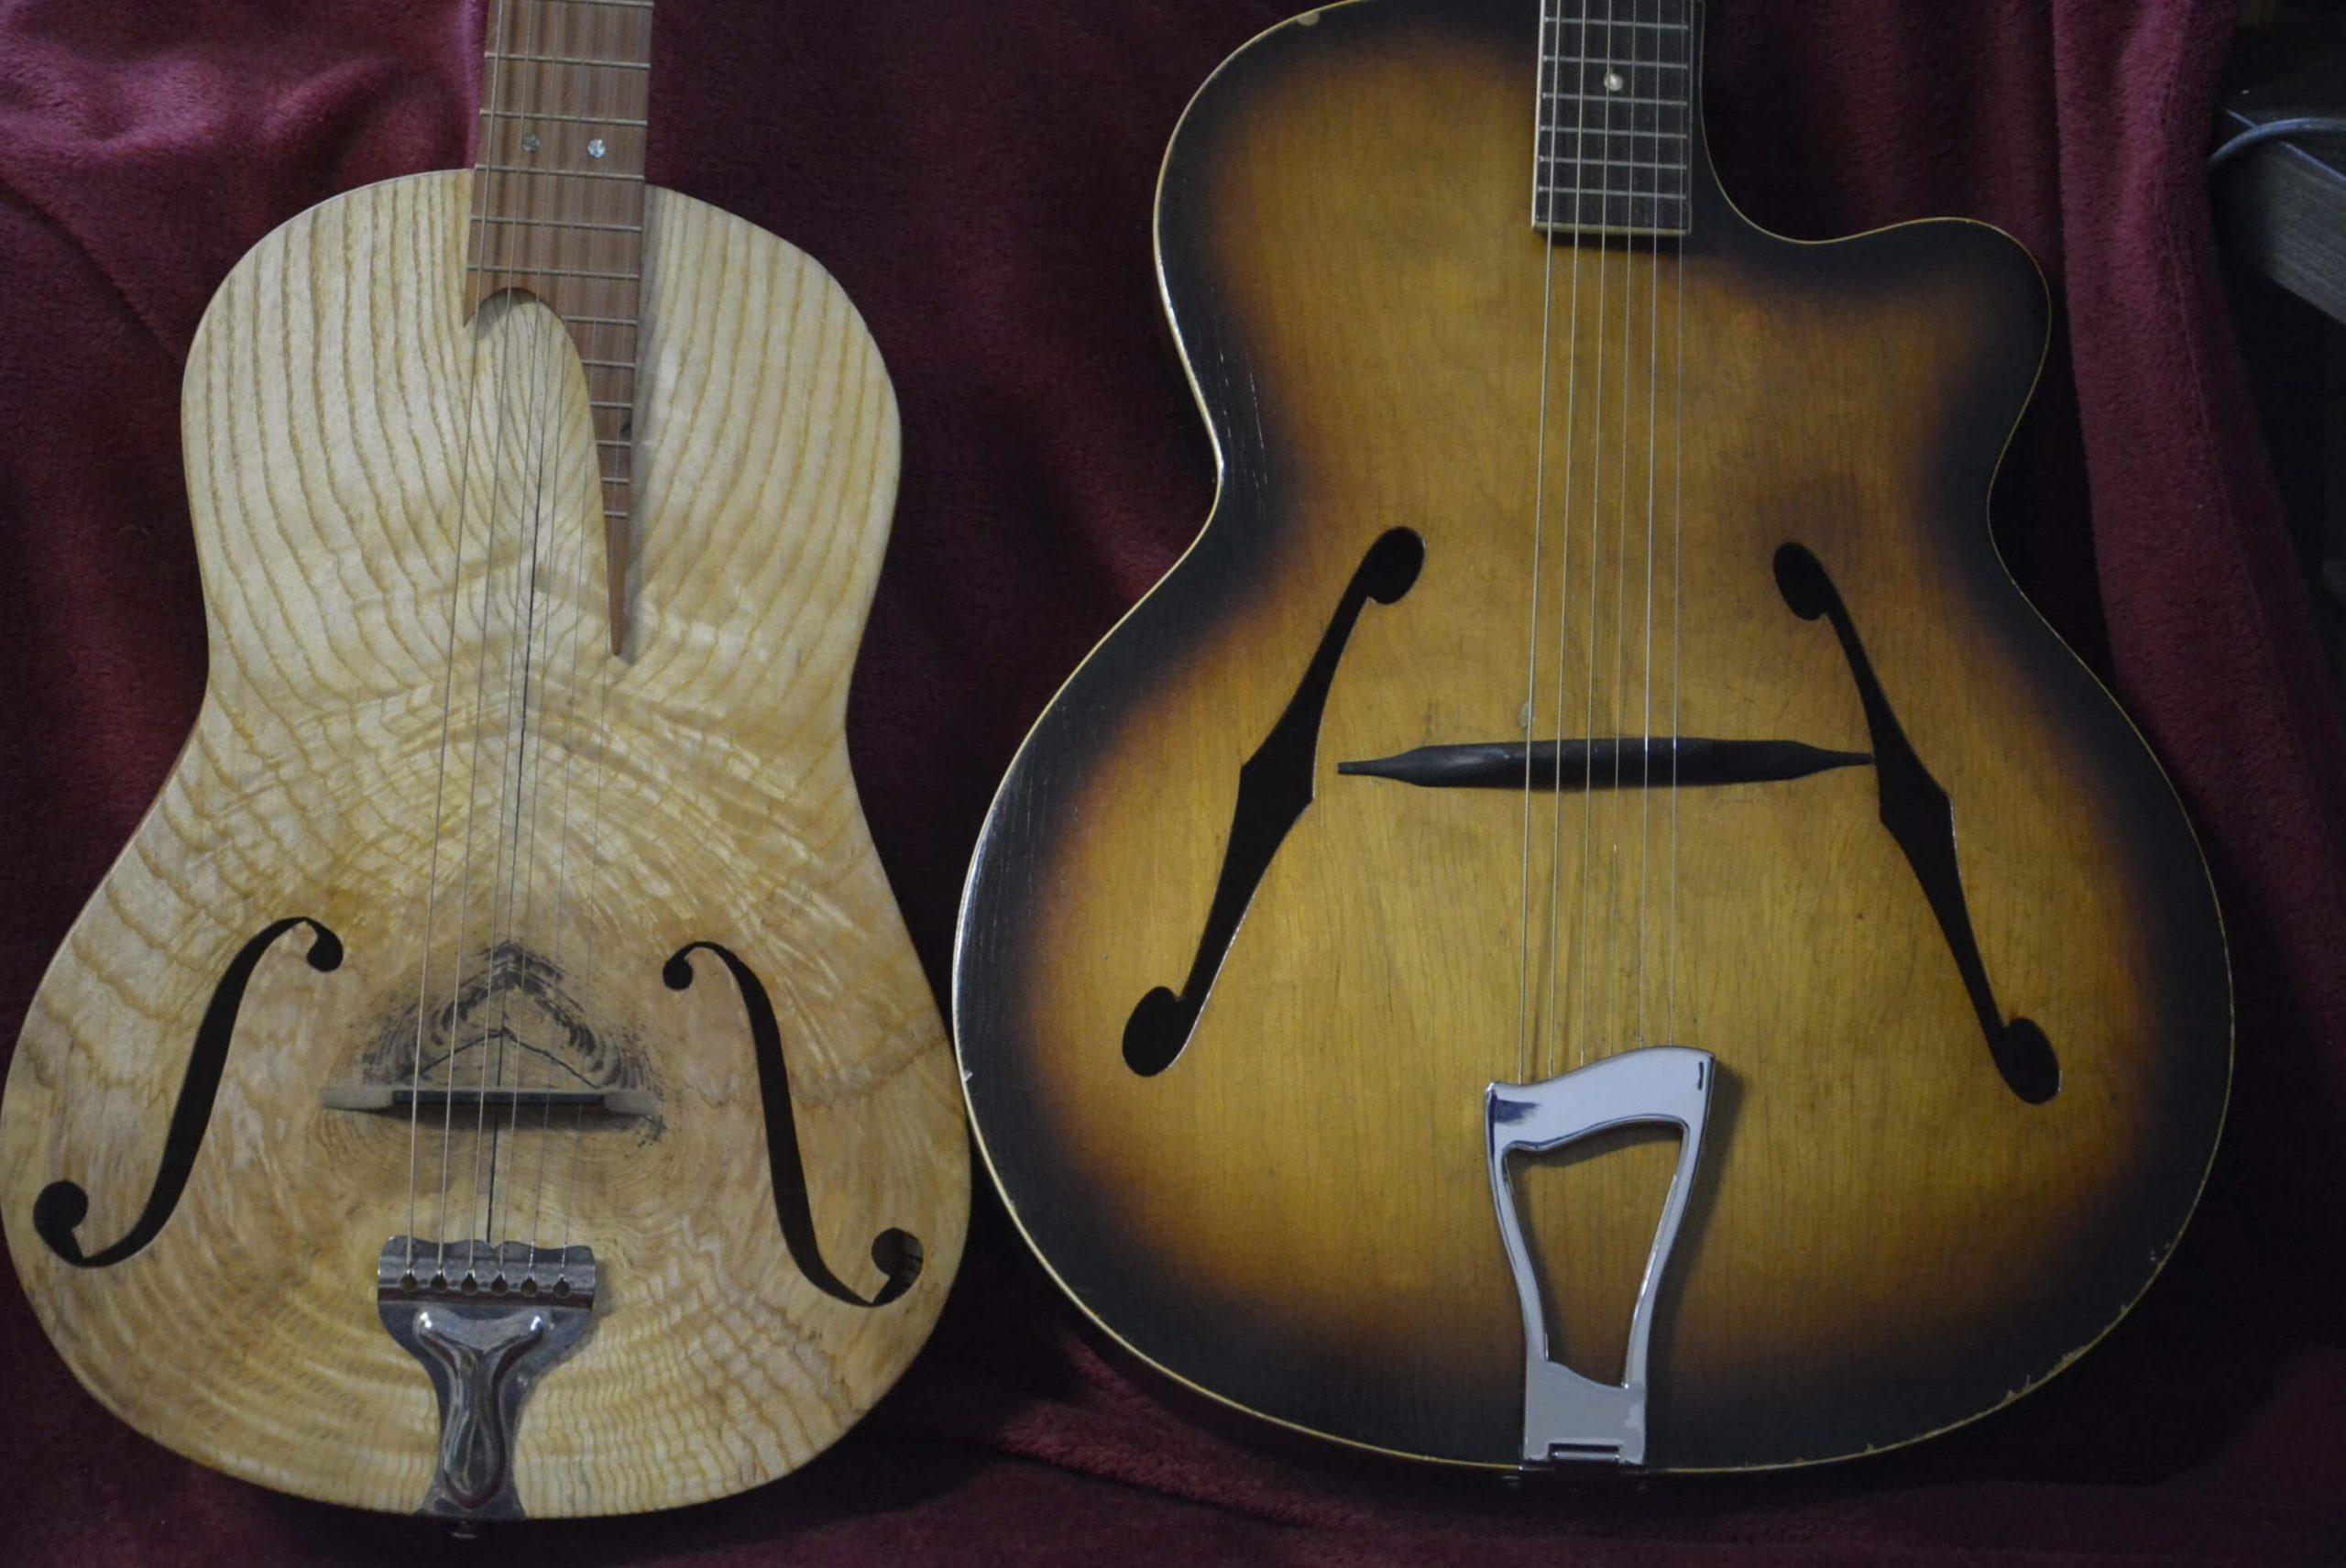 Cork Guitars - repair work - two instruments